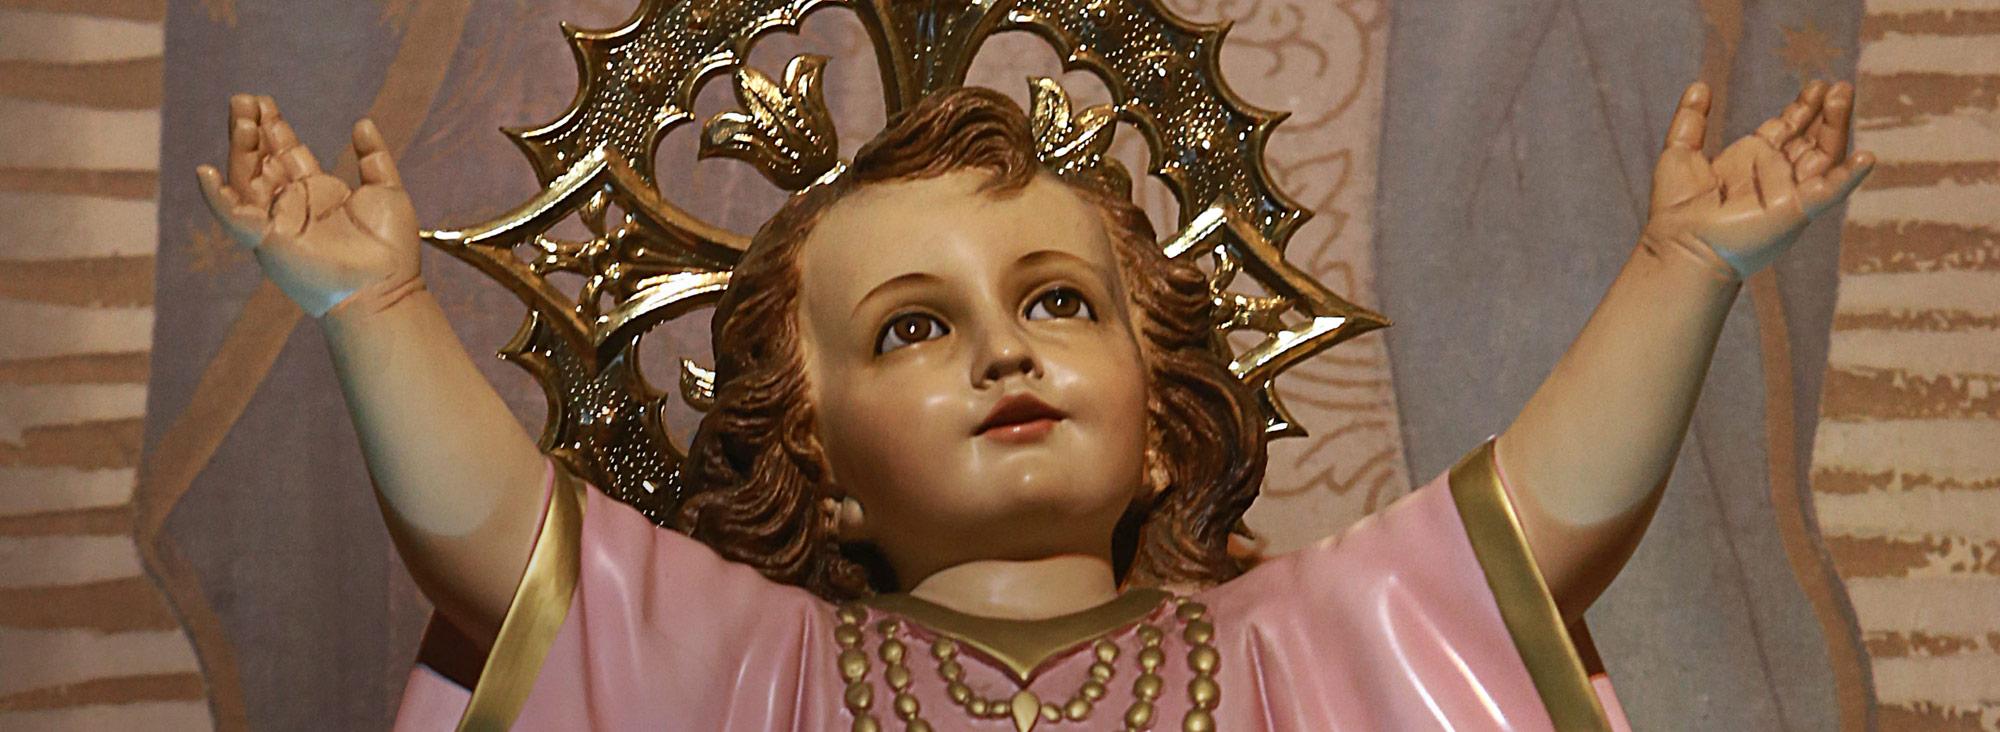 Fotos De Navidad Del Nino Jesus.Nino Jesus Manda En Navidad Ideas El Comercio